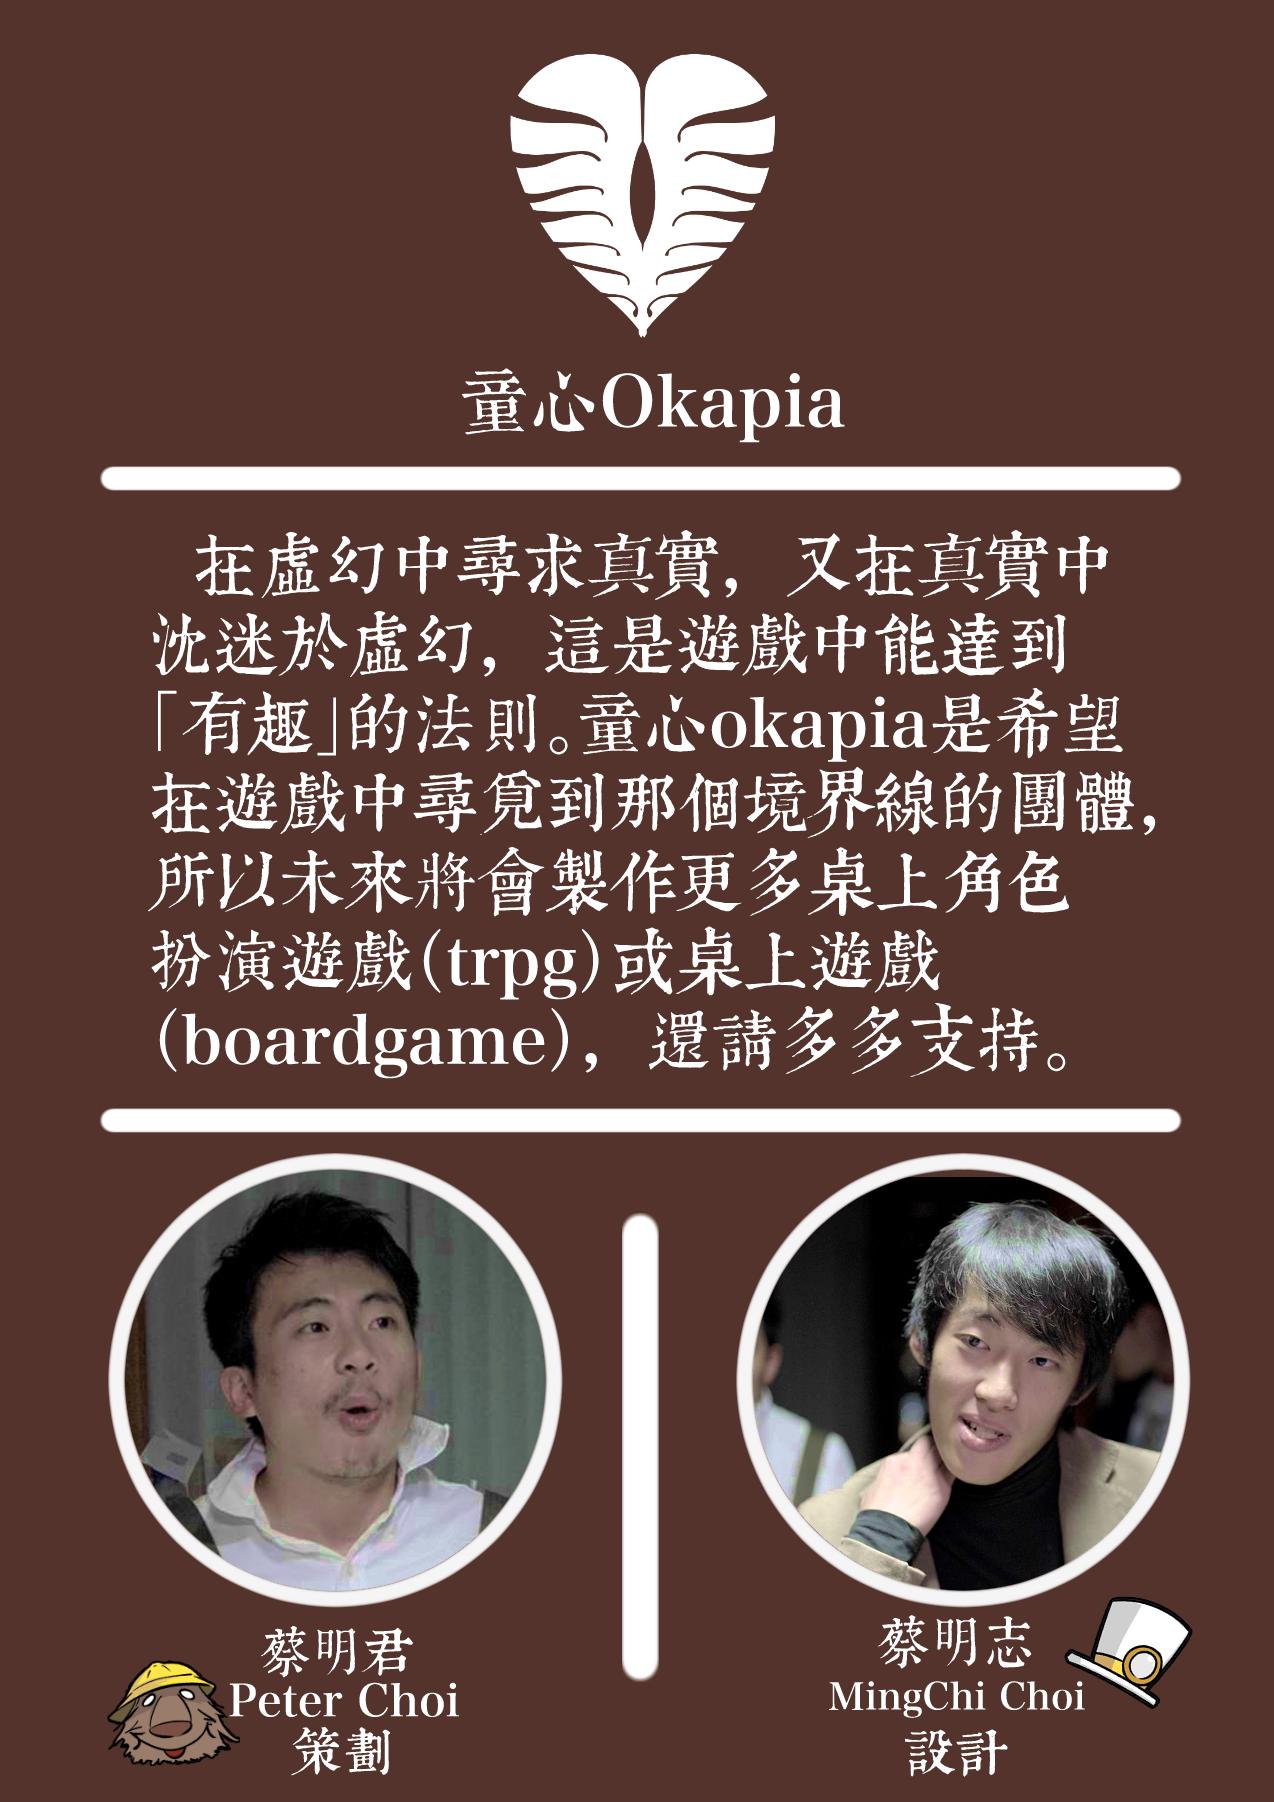 okapia.png